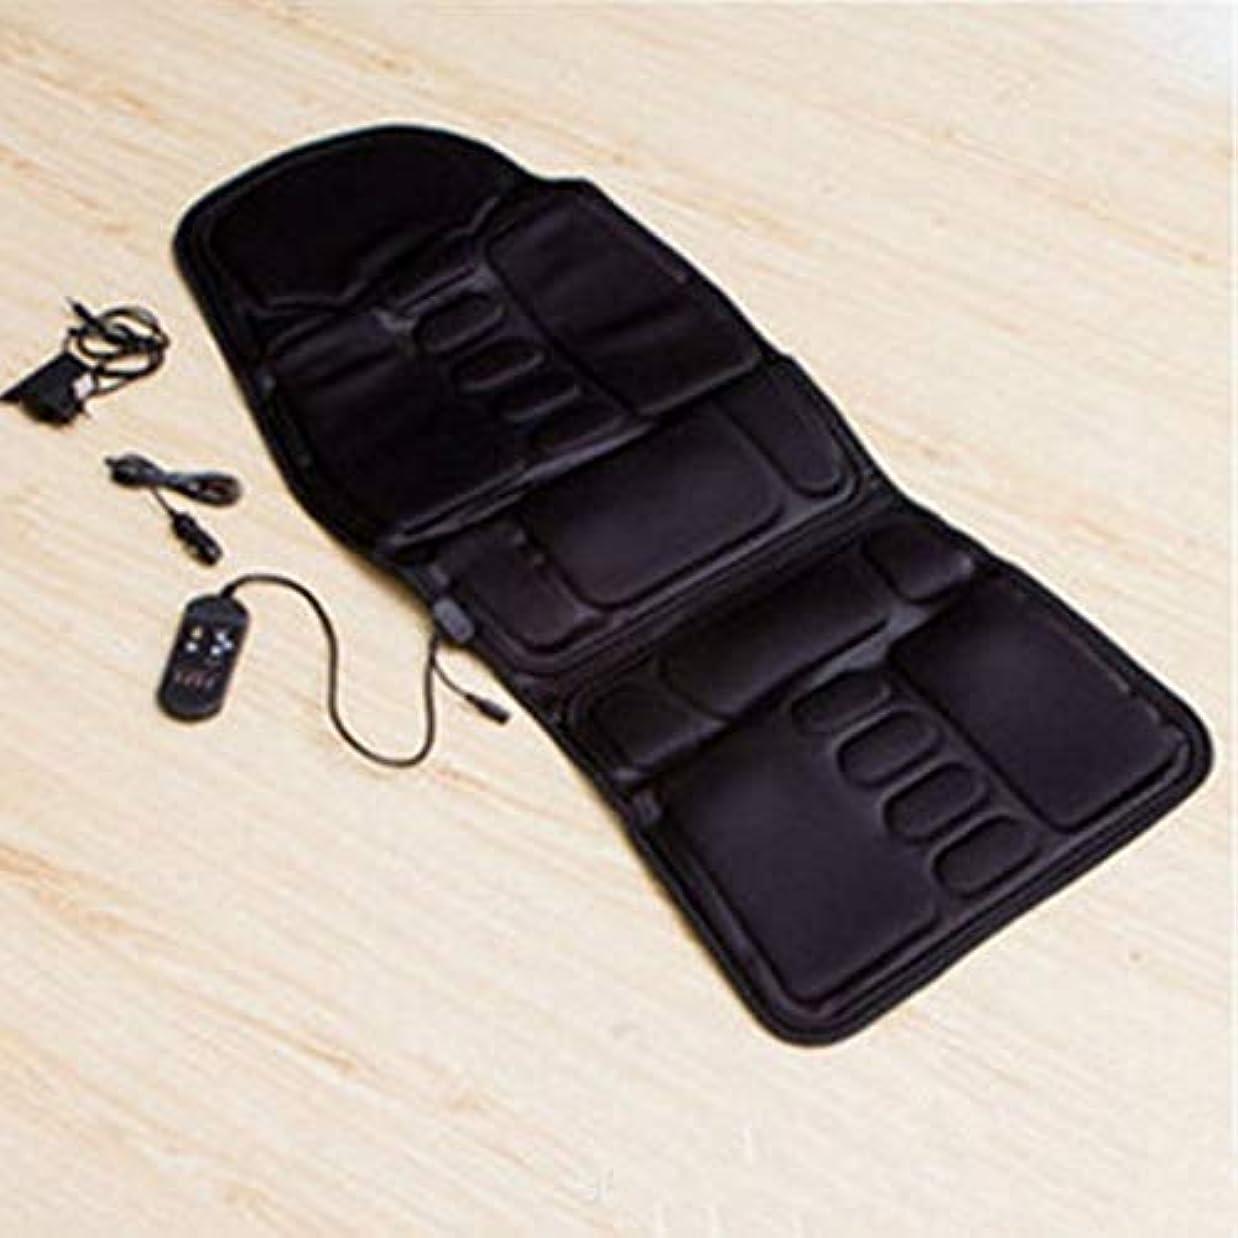 マッシュスクラップどこでもCar Chair Home Seat Heat Cushion Back Neck Waist Body Electric Multifunctional Chair Massage Pad Back Massager